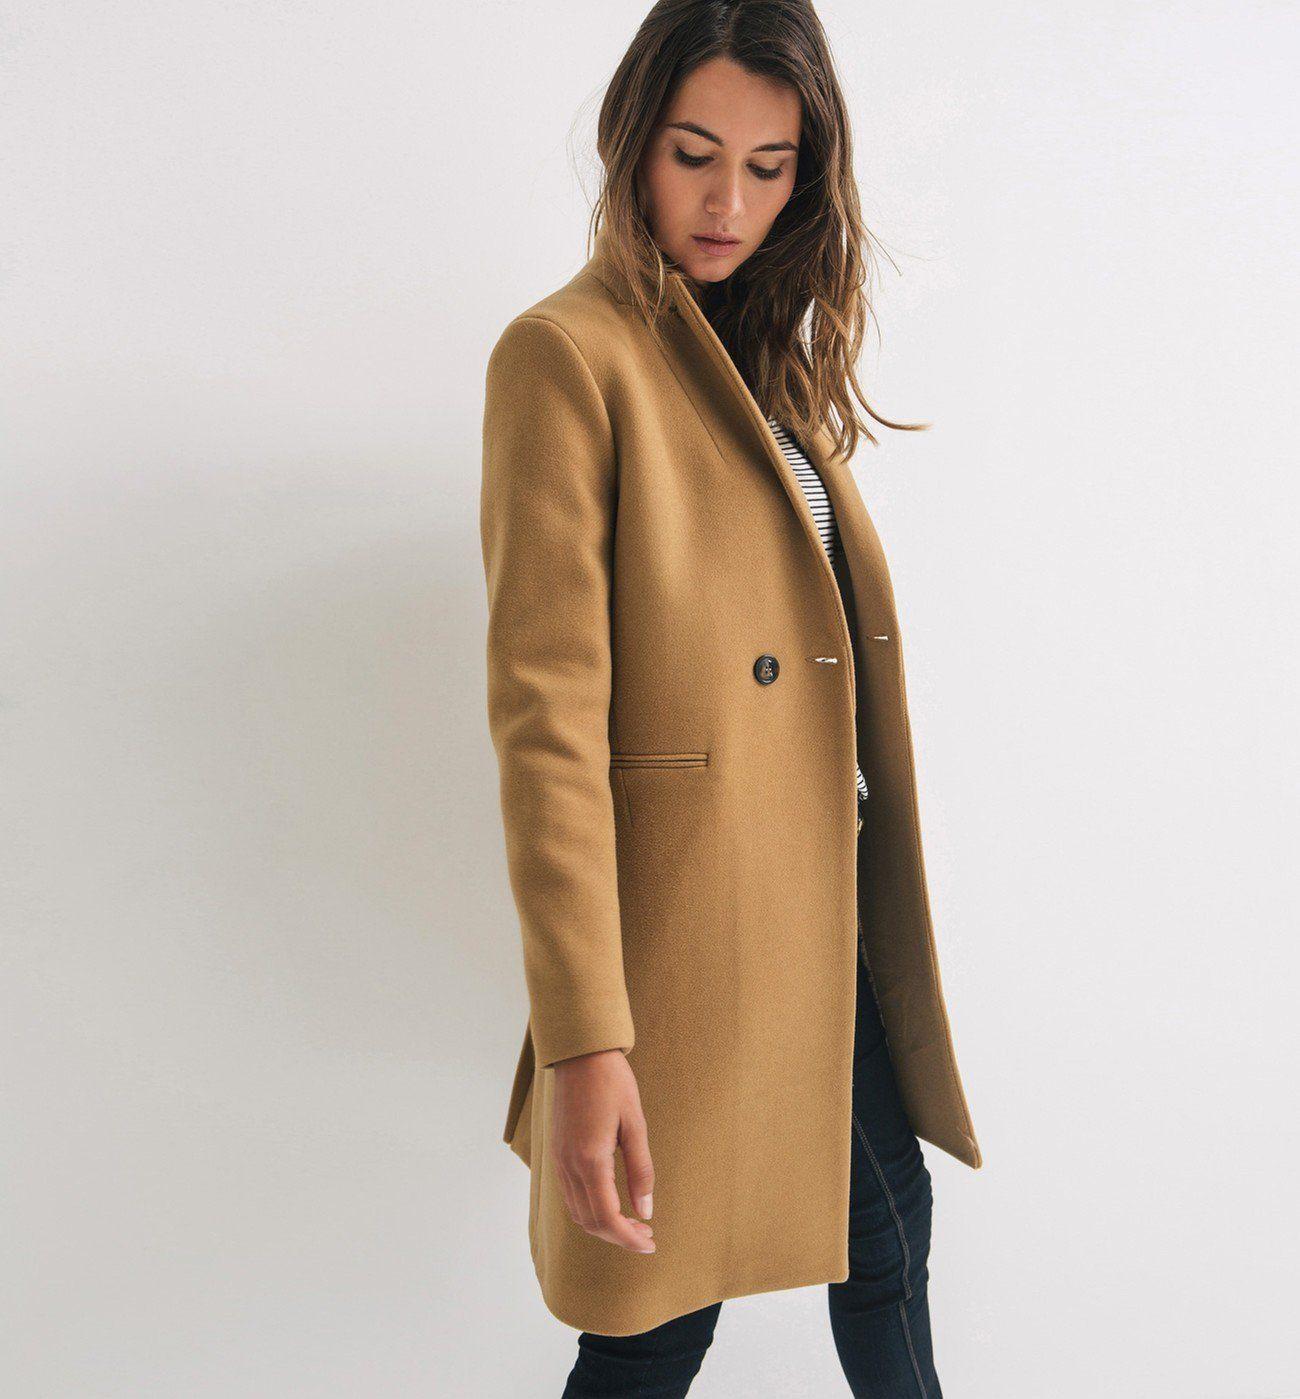 Manteau en laine mélangée Camel Manteaux Femme Promod